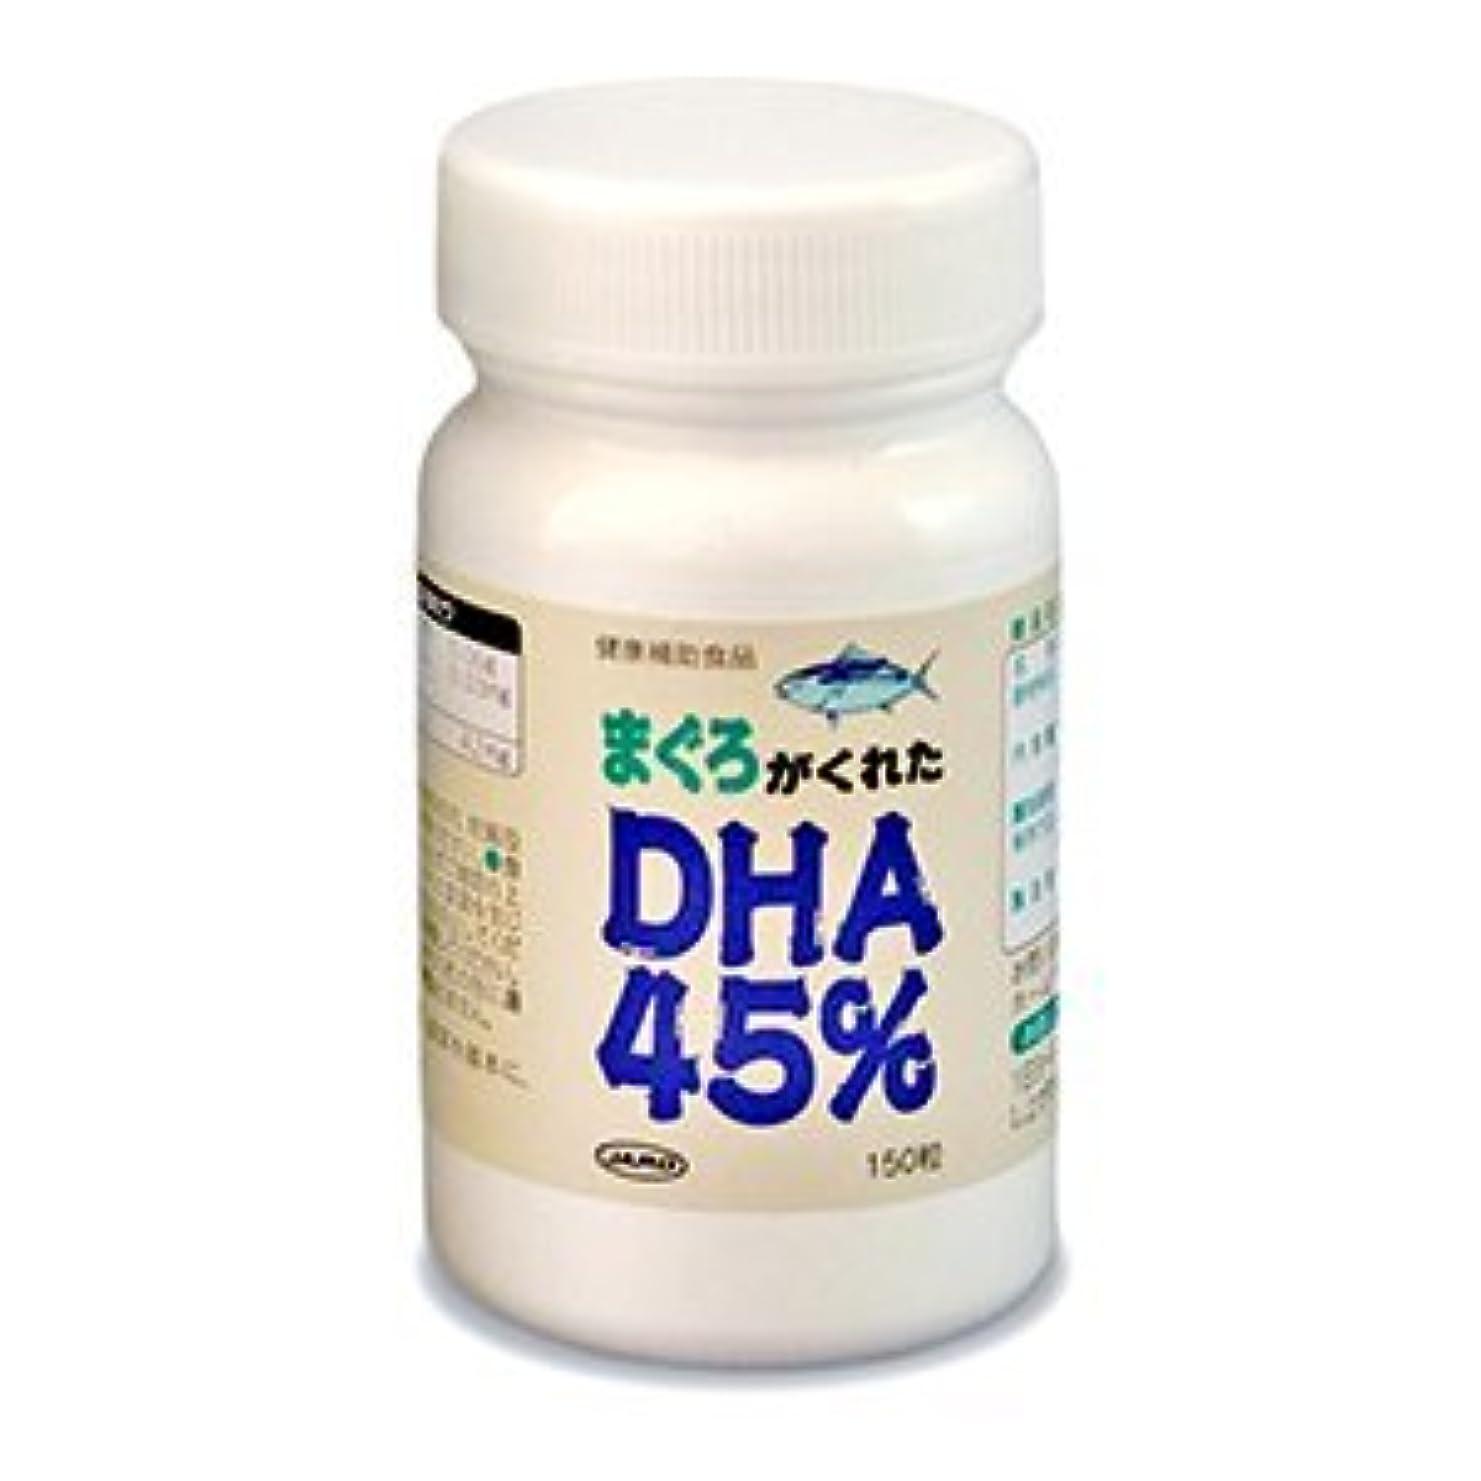 無一文フォルダ筋肉のまぐろがくれたDHA45% 150粒(約1ヶ月分)